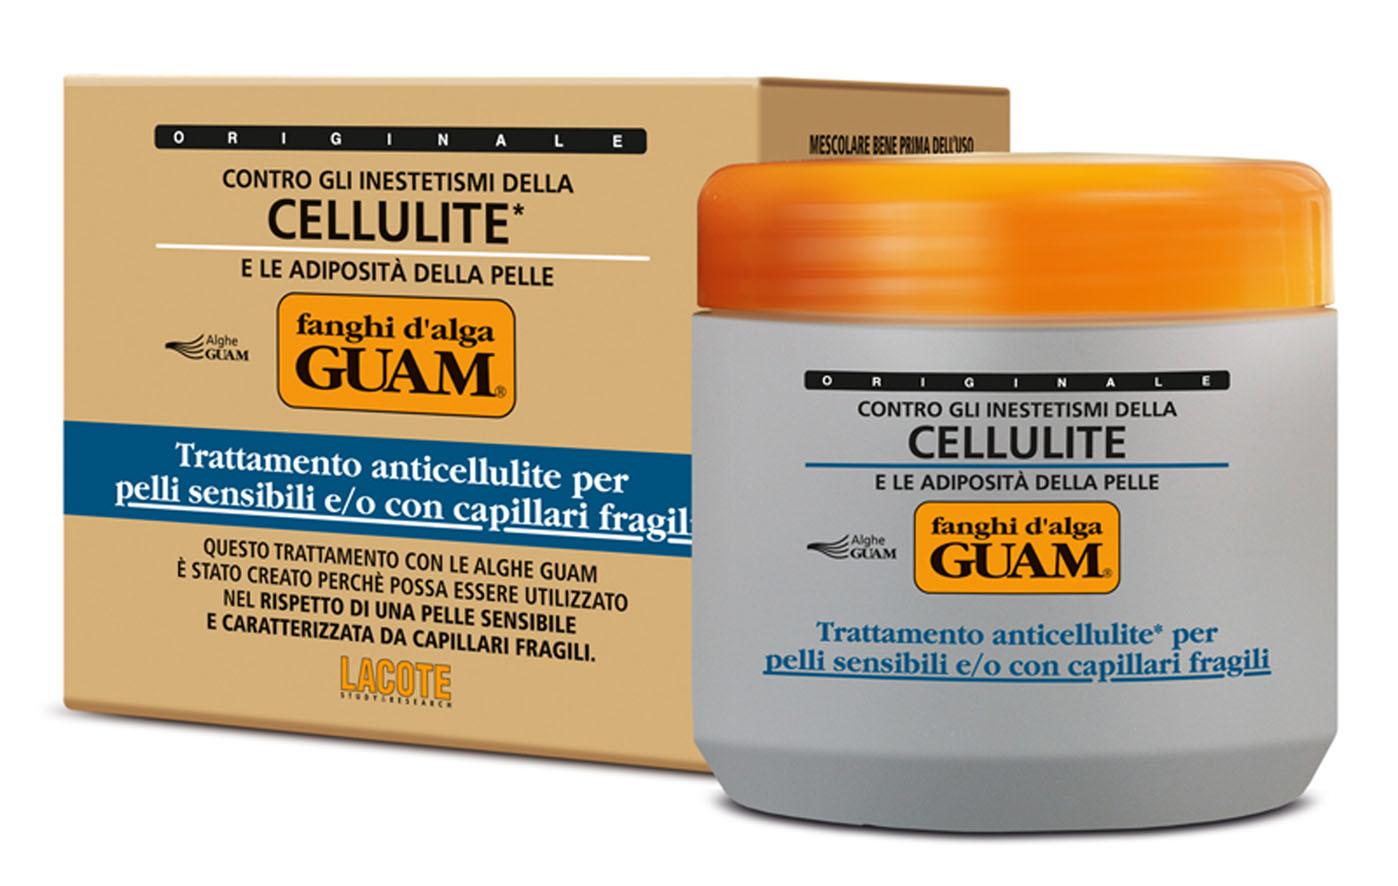 Guam Маска антицеллюлитная Fanchi Dalga для тела, для чувствительной кожи с хрупкими капиллярами, 500 мл1025Содержит инновационный липолитический комплекс Glicoxantine двойного действия: уменьшает локальные жировые отложения и устраняет целлюлит. Благодаря активным компонентам обладает антиоксидантным действием, усиливает микроциркуляцию, способствует выводу межклеточной жидкости, подтягивает и выравнивает кожный рельеф. Укрепляет сосуды и обеспечивает длительное увлажнение кожи. Идеальное средство для чувствительной кожи при проблемах с сосудами на ногах. Товар сертифицирован.